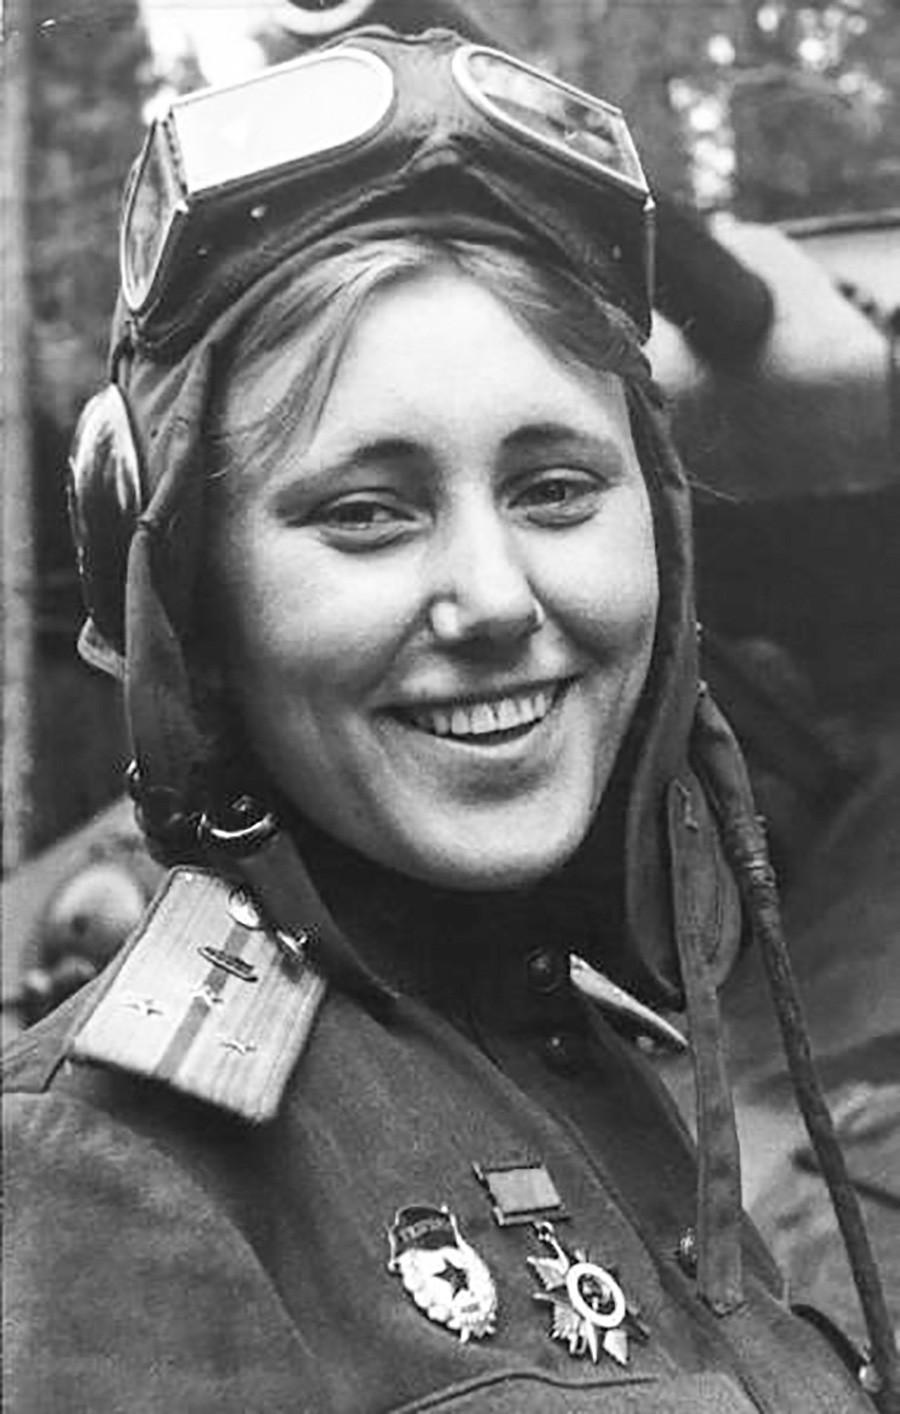 カメラに向かって微笑むクルスクの戦いに参加したT-34戦車部隊指揮官